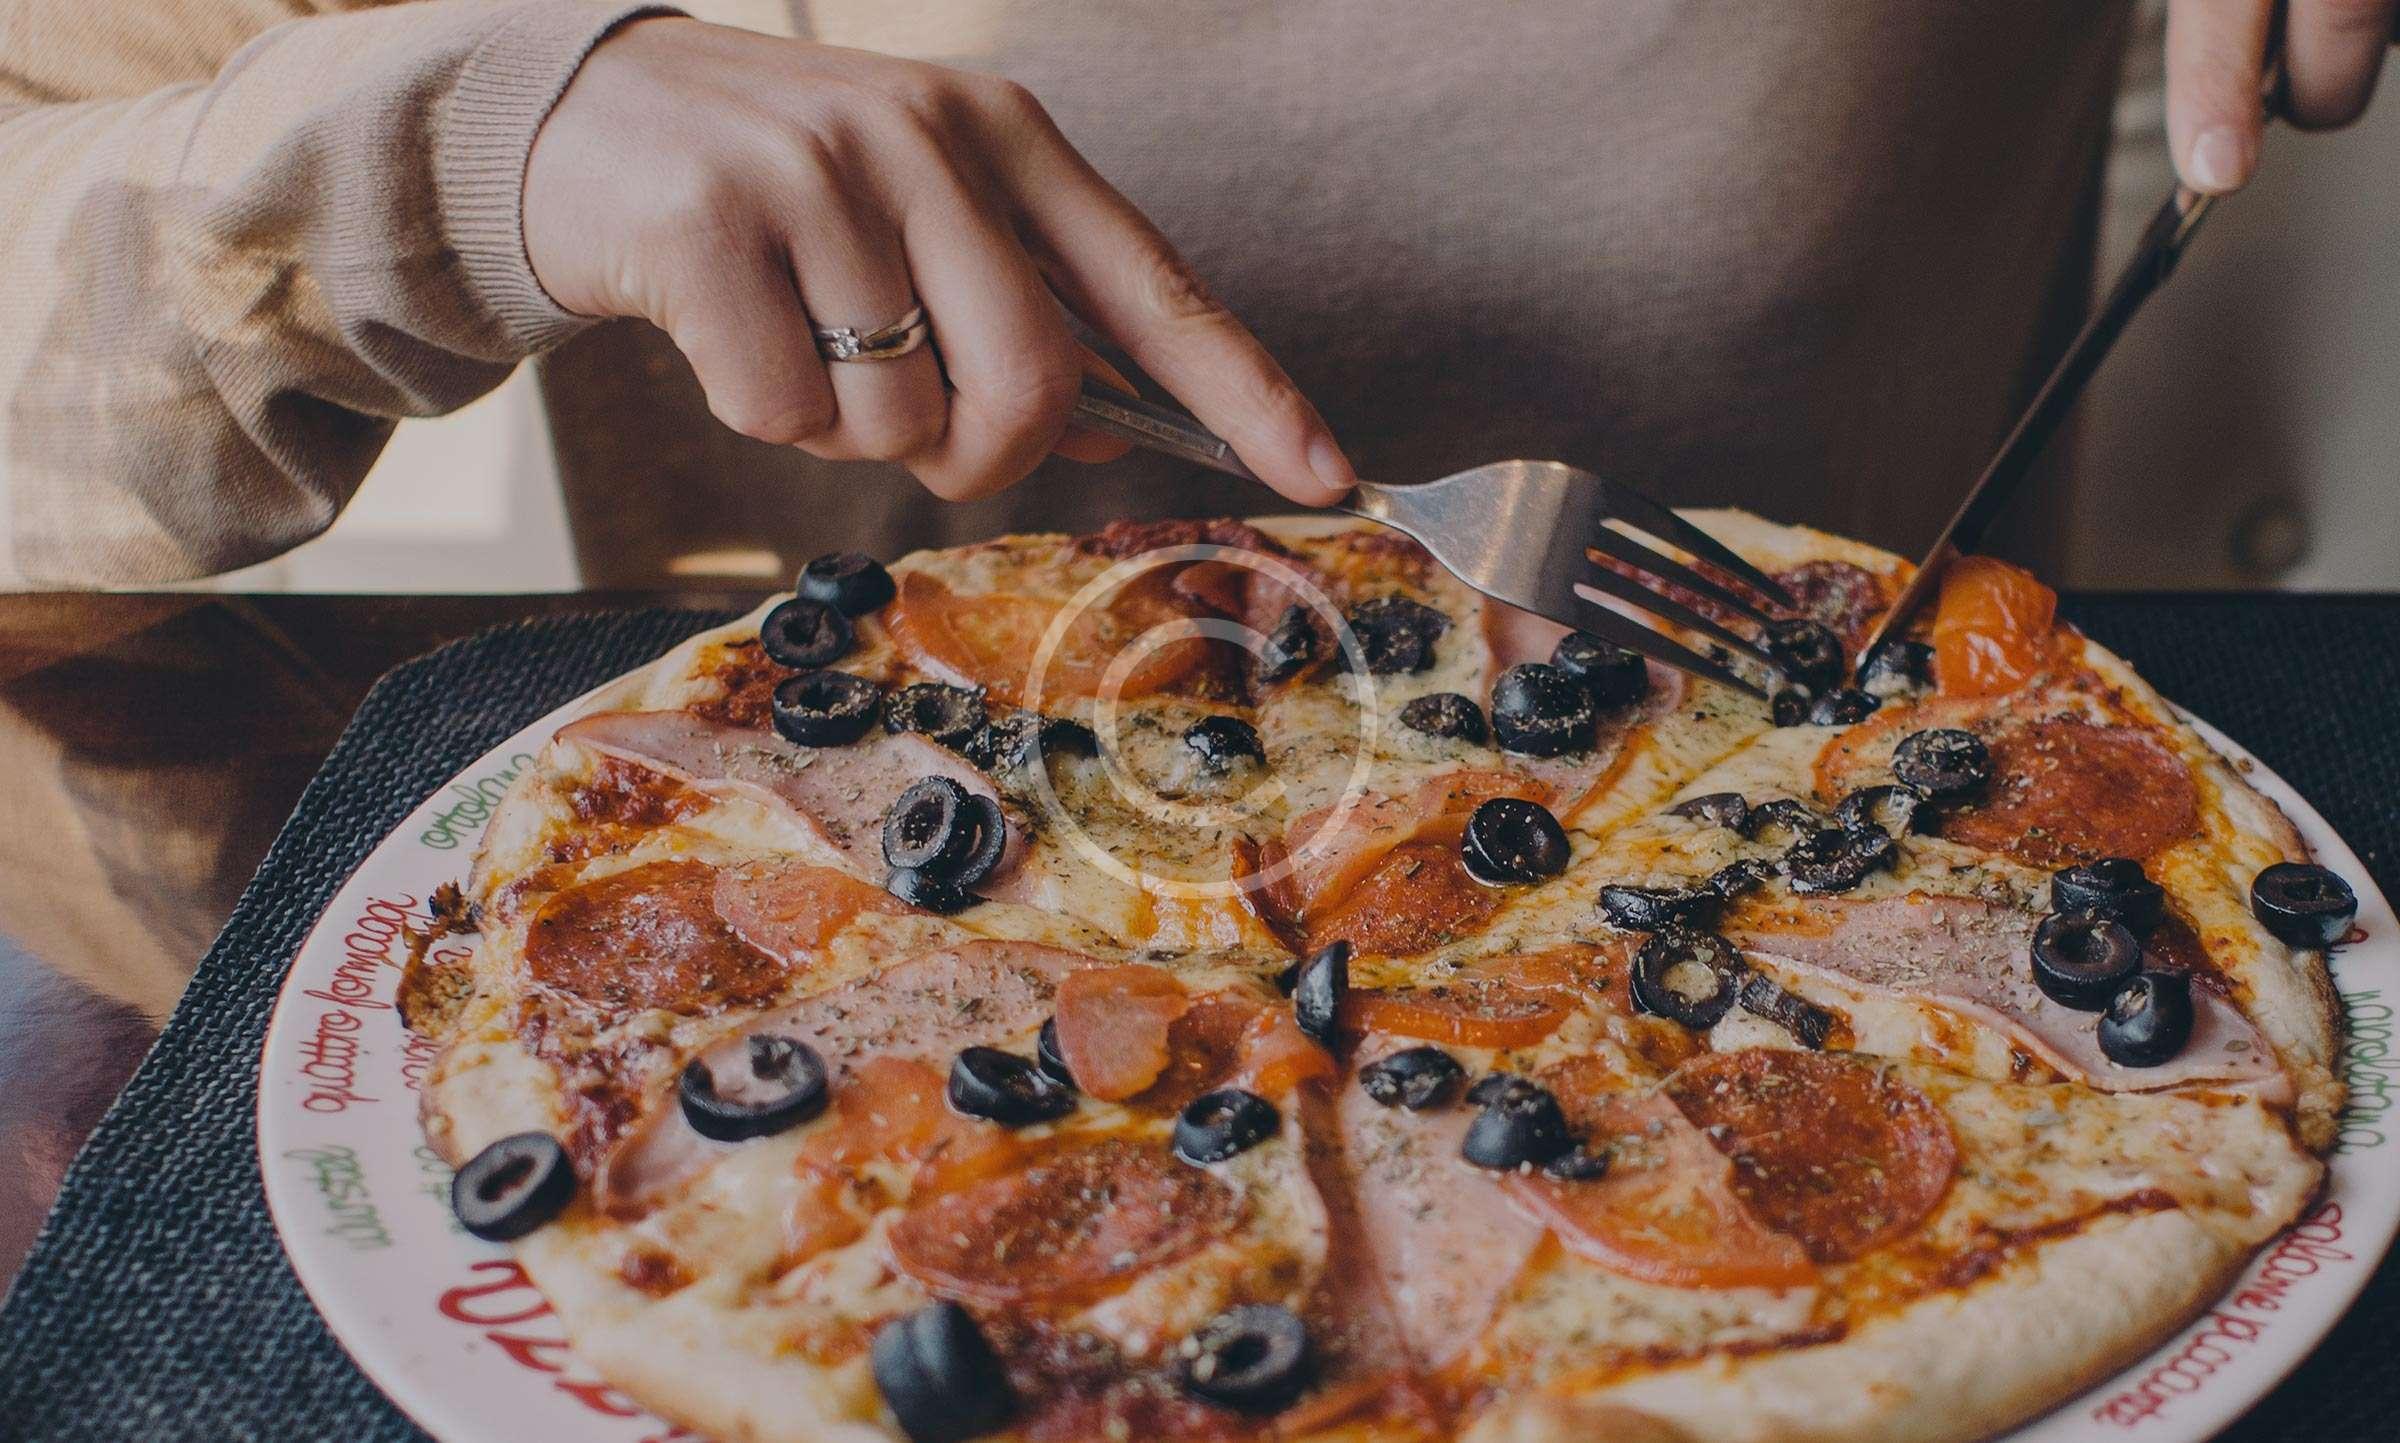 comment faire une huile d'olive aromatisée ?